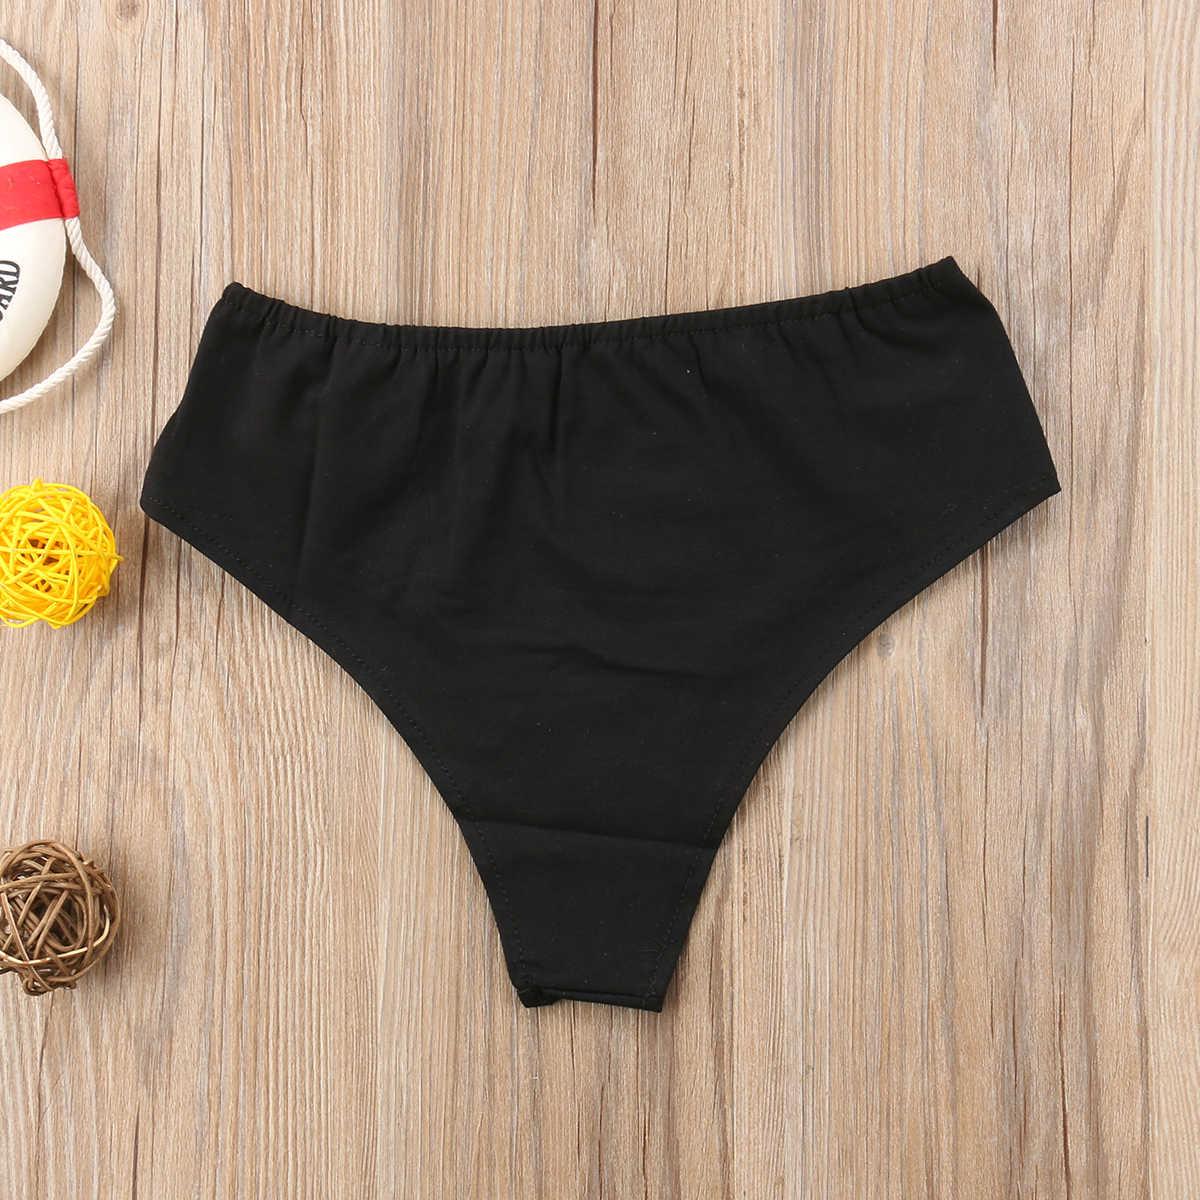 2019 Moda Sıcak Kadınlar Yüksek Bel Mektup Rogue Tanga Düşük Bölüm Brezilyalı Külot Iç Çamaşırı Külot Kırmızı Siyah